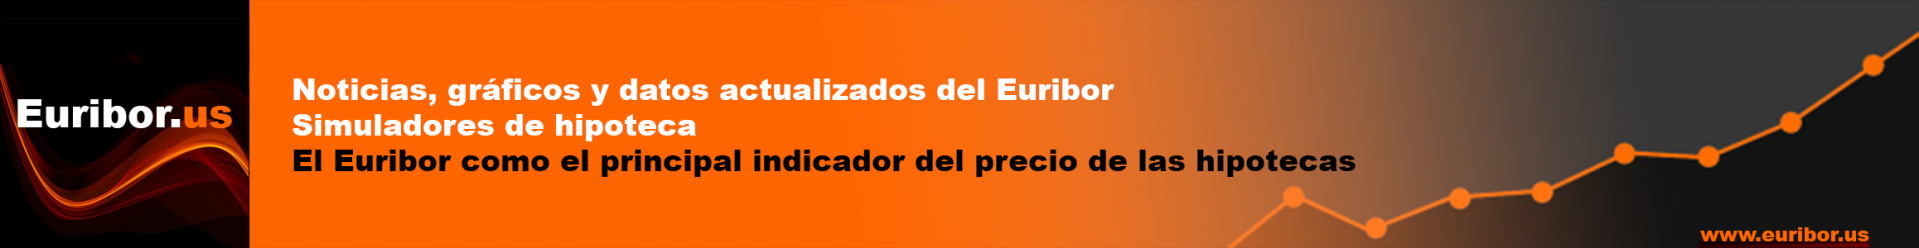 Euribor